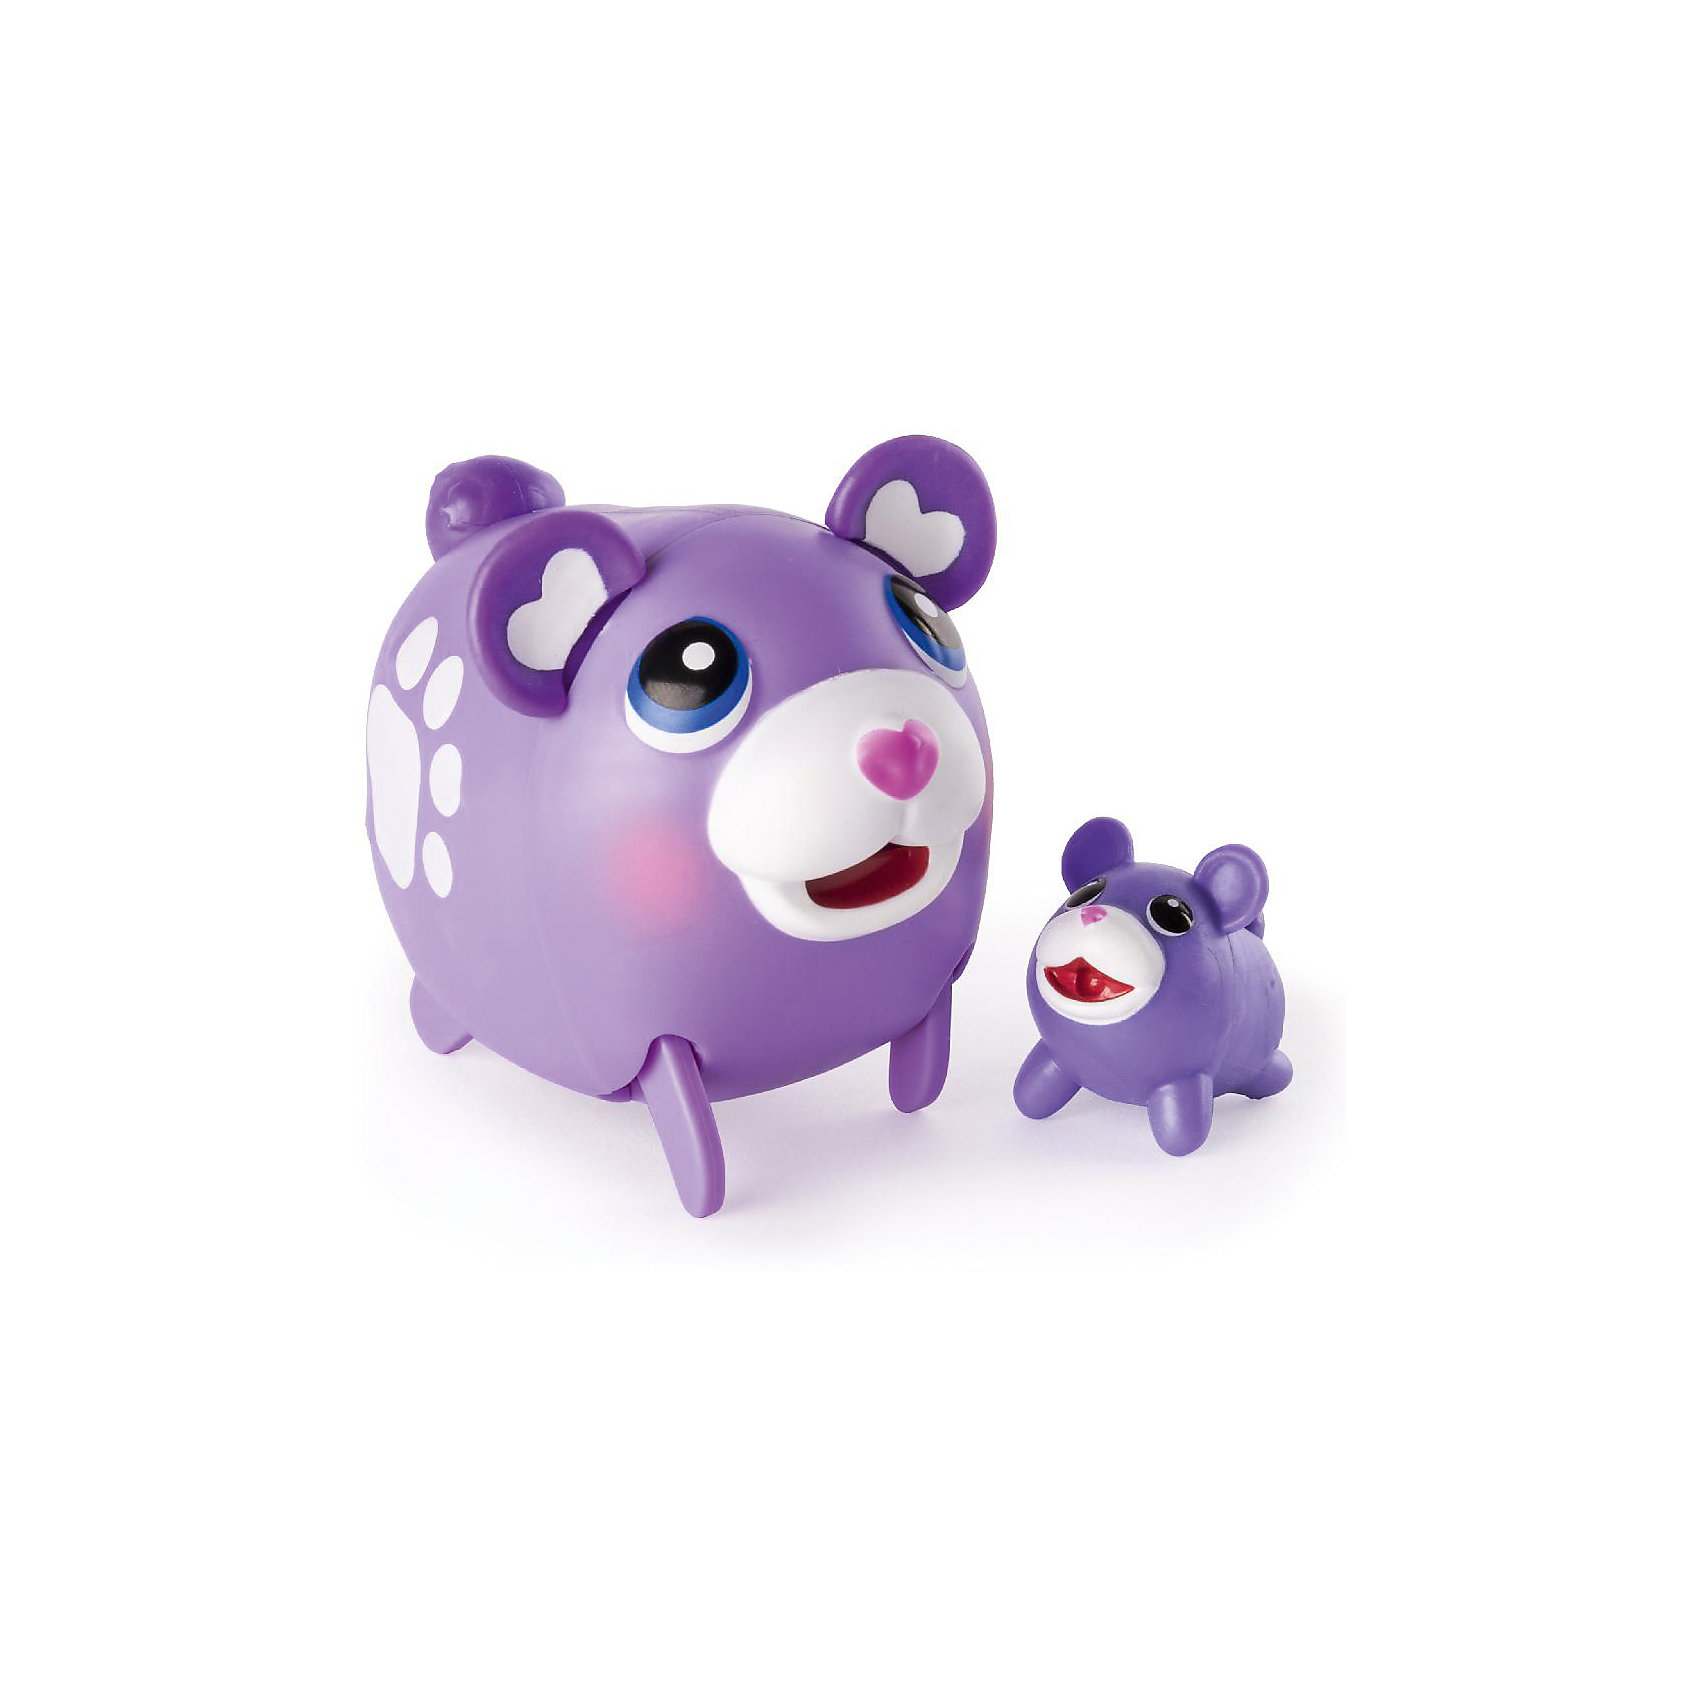 Коллекционная фигурка Мишка, Chubby PuppiesЛюбимые герои<br>Характеристики товара:<br><br>- цвет: разноцветный;<br>- материал: пластик;<br>- размер упаковки: 15х8х11 см;<br>- вес: 250 г;<br>- комплектация: большая и маленькая фигурки. <br><br>Игрушки от бренда Chubby Puppies - это симпатичные животные, которые умеют забавно двигаться. Эта игрушка очень качественно выполнена, поэтому она станет отличным подарком ребенку. Такое изделие отлично тренирует у ребенка разные навыки: играя с ней, малыш развивает мелкую моторику, цветовосприятие, внимание, воображение и творческое мышление.<br>Данная модель дополнена маленькой копией животного! Из этих фигурок можно собрать целую коллекцию! Изделие произведено из высококачественного материала, безопасного для детей.<br><br>Коллекционную фигурку Мишка от бренда Chubby Puppies можно купить в нашем интернет-магазине.<br><br>Ширина мм: 80<br>Глубина мм: 110<br>Высота мм: 150<br>Вес г: 250<br>Возраст от месяцев: 36<br>Возраст до месяцев: 2147483647<br>Пол: Унисекс<br>Возраст: Детский<br>SKU: 5094043